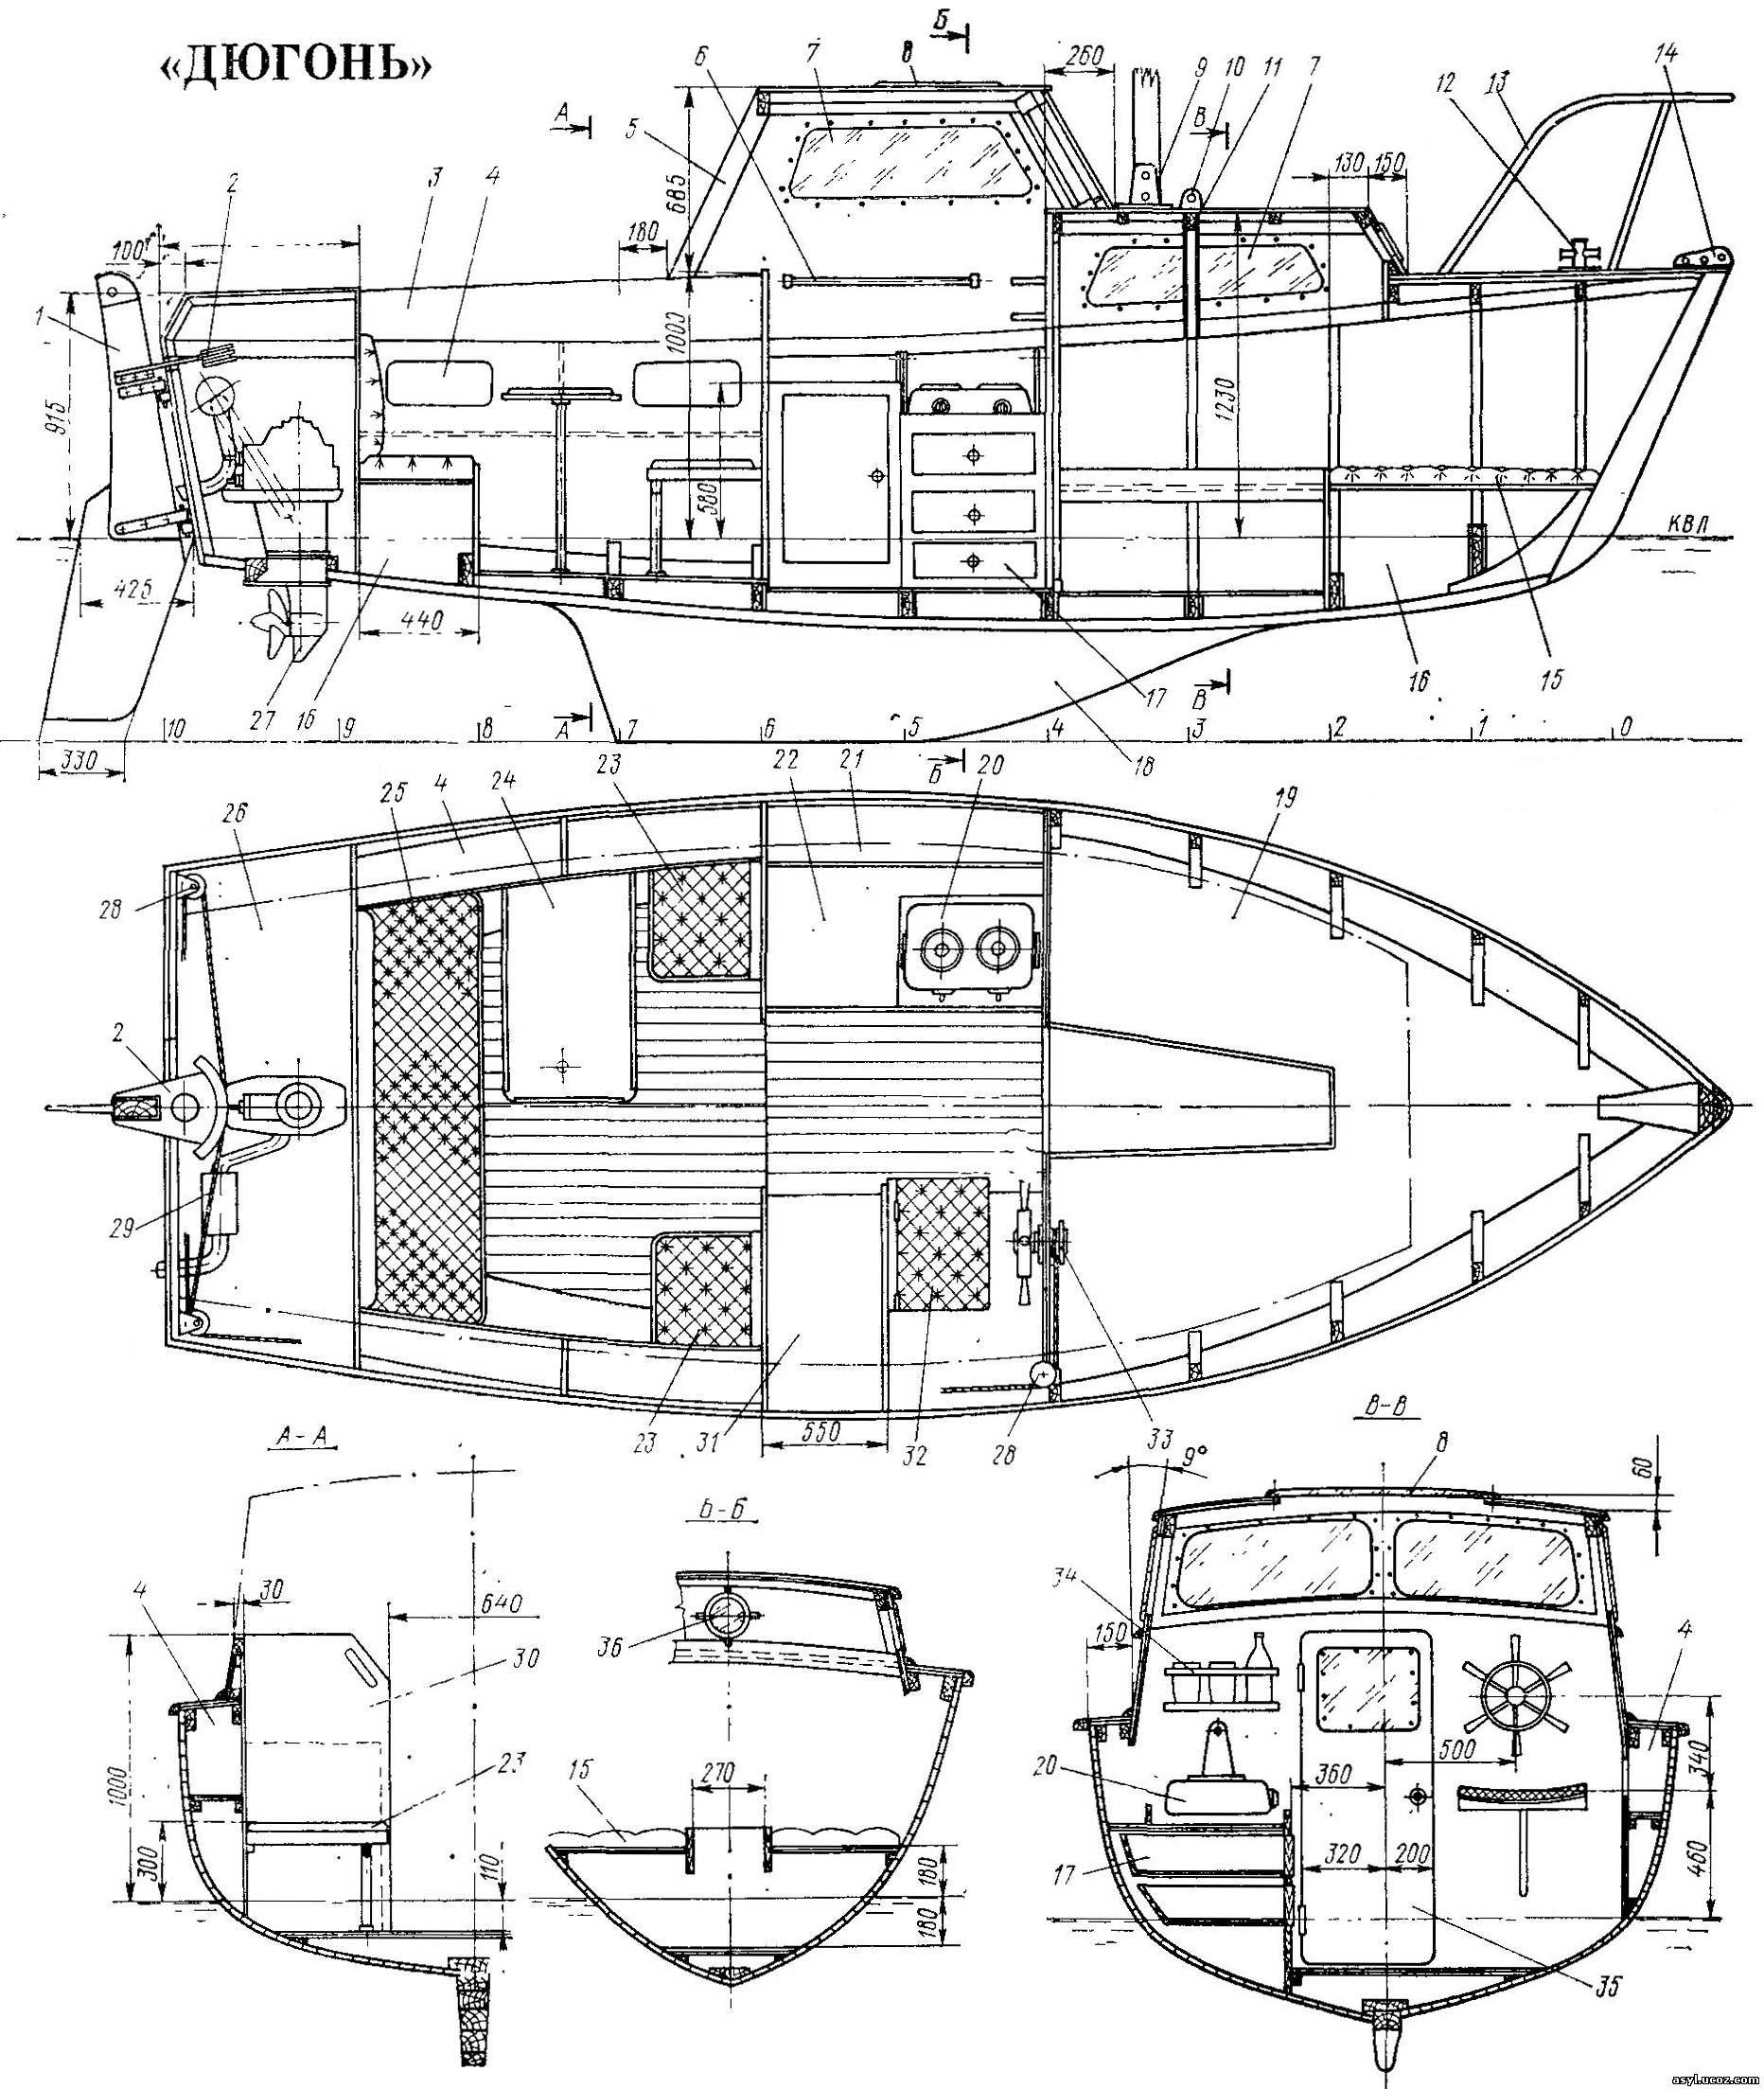 Общее расположение яхты «Дюгонь».